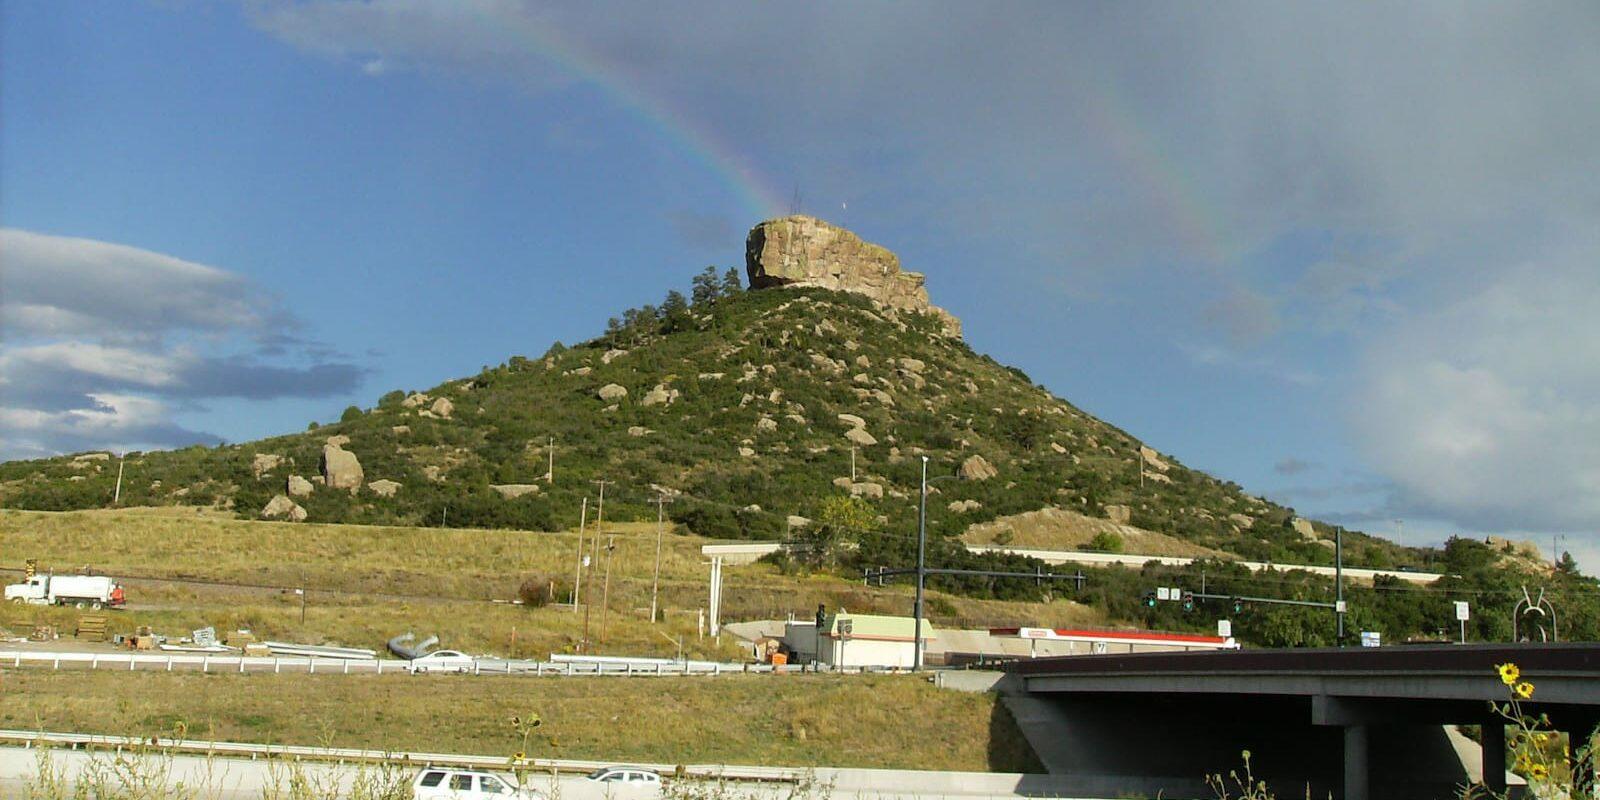 Castle Rock Colorado Highway I-25